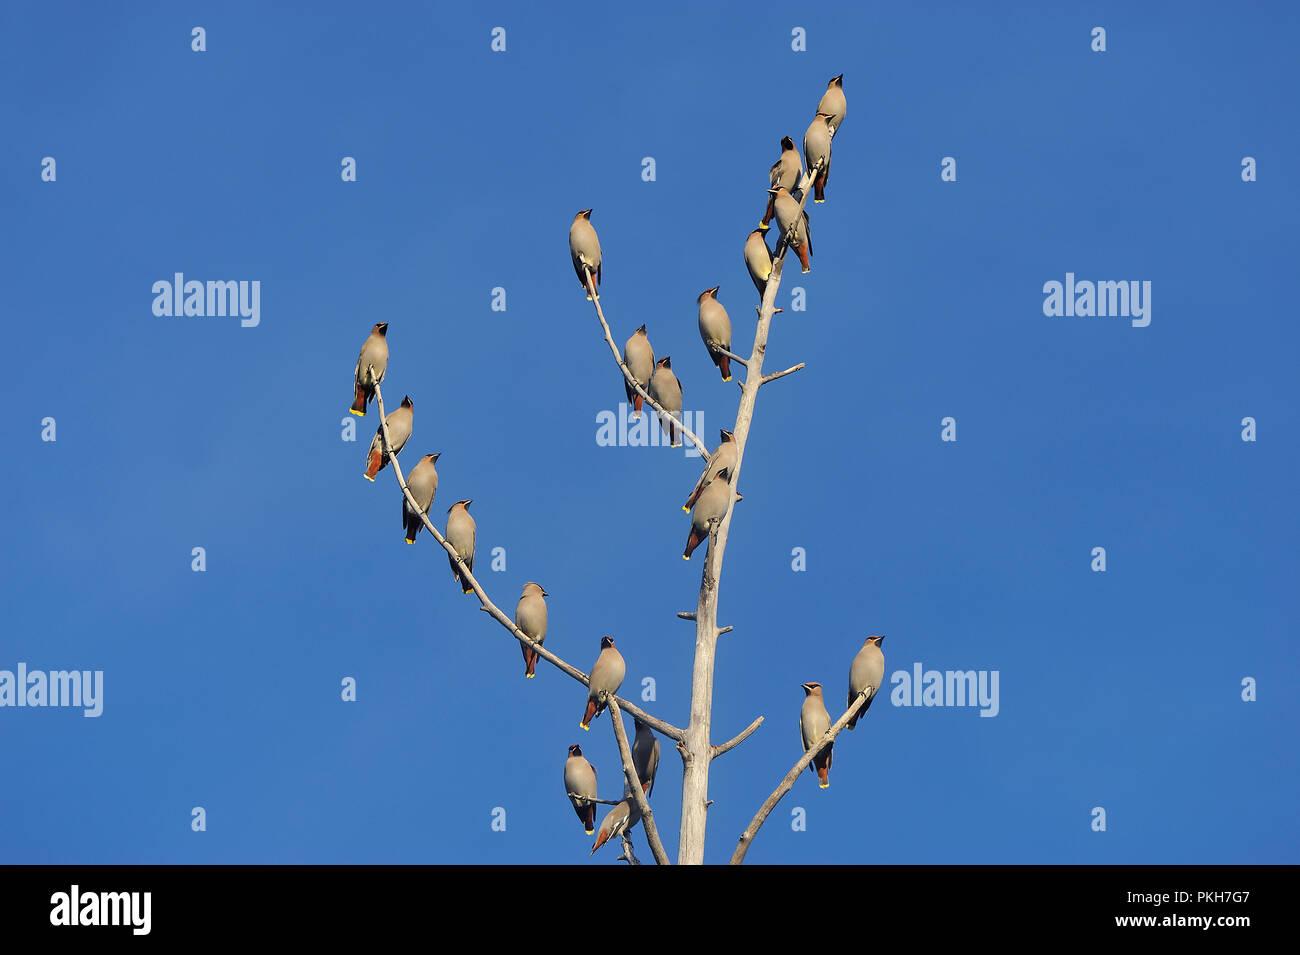 Una bandada de pájaros waxwing de cedro encaramado en un árbol muerto contra un fondo de cielo azul en la zona rural de Alberta, Canadá. Imagen De Stock